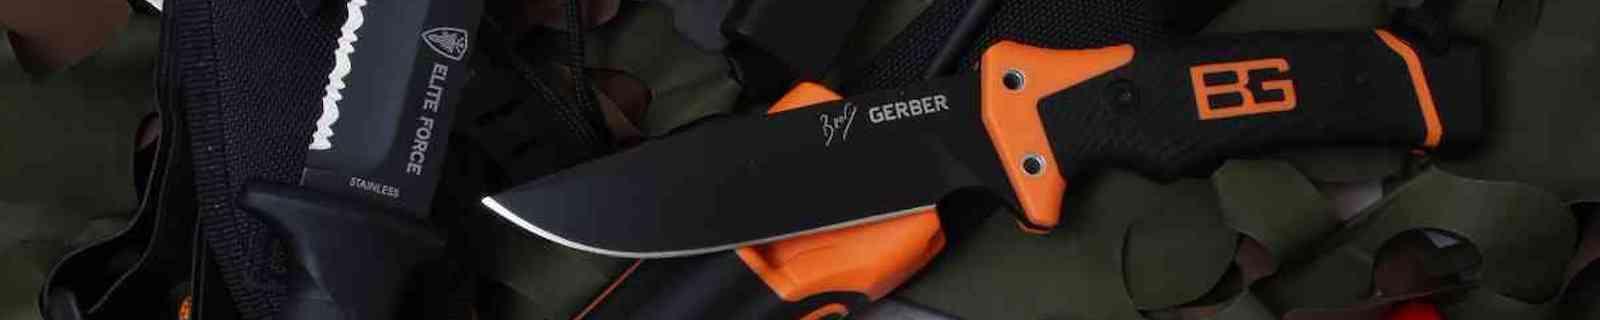 Gerber Umarex 1